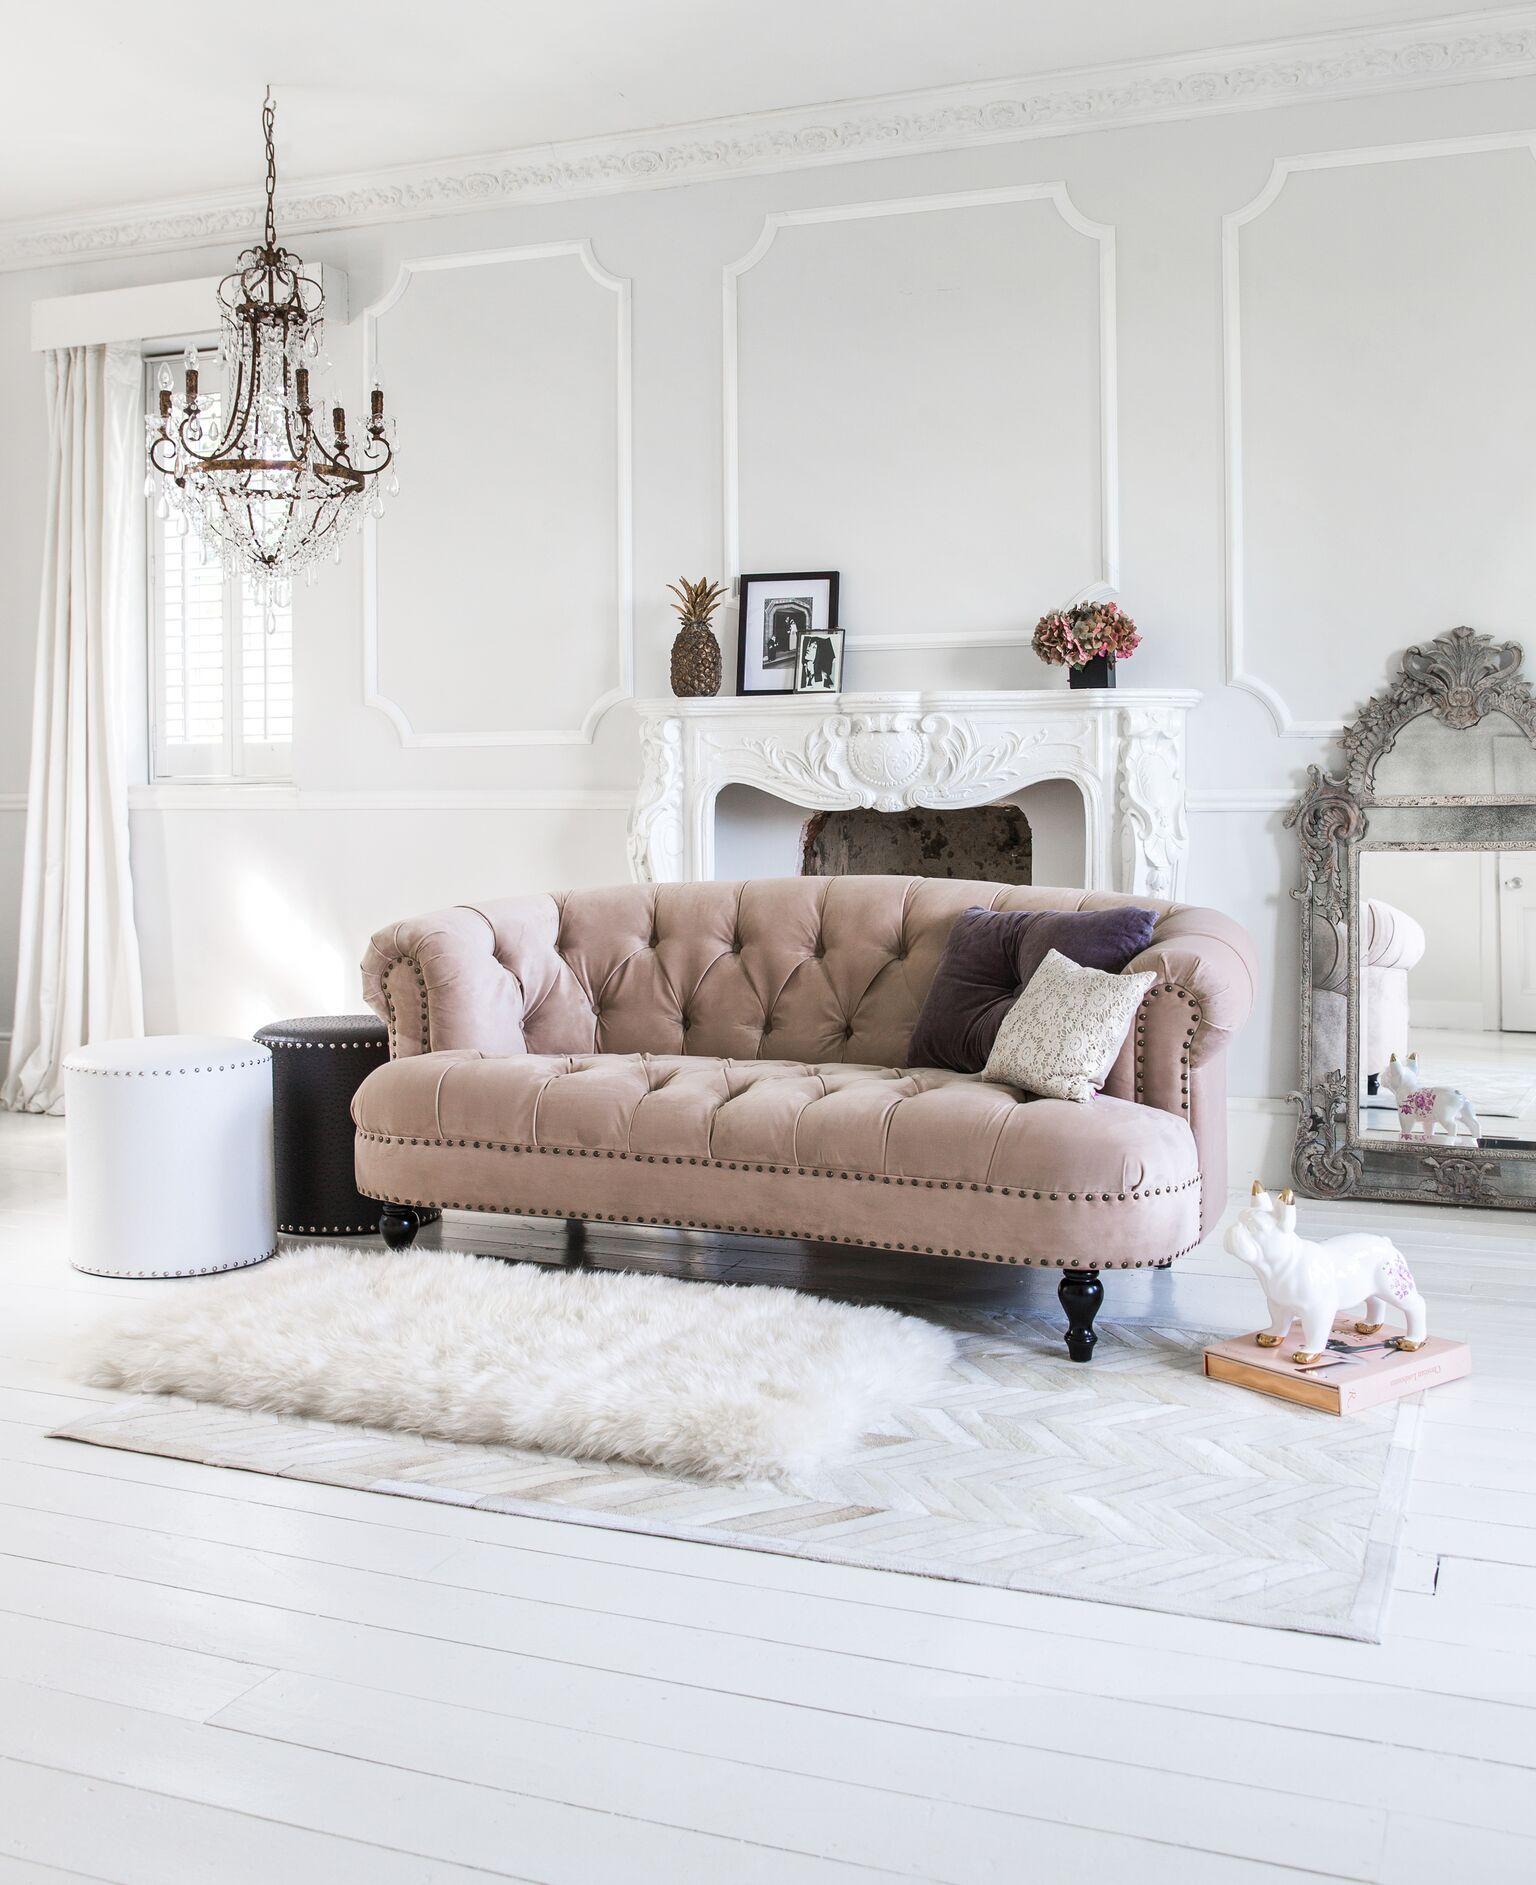 Chablis Roses Mink Velvet Sofa Luxury Sofa Black Dining Room Home Decor Mink living room decor